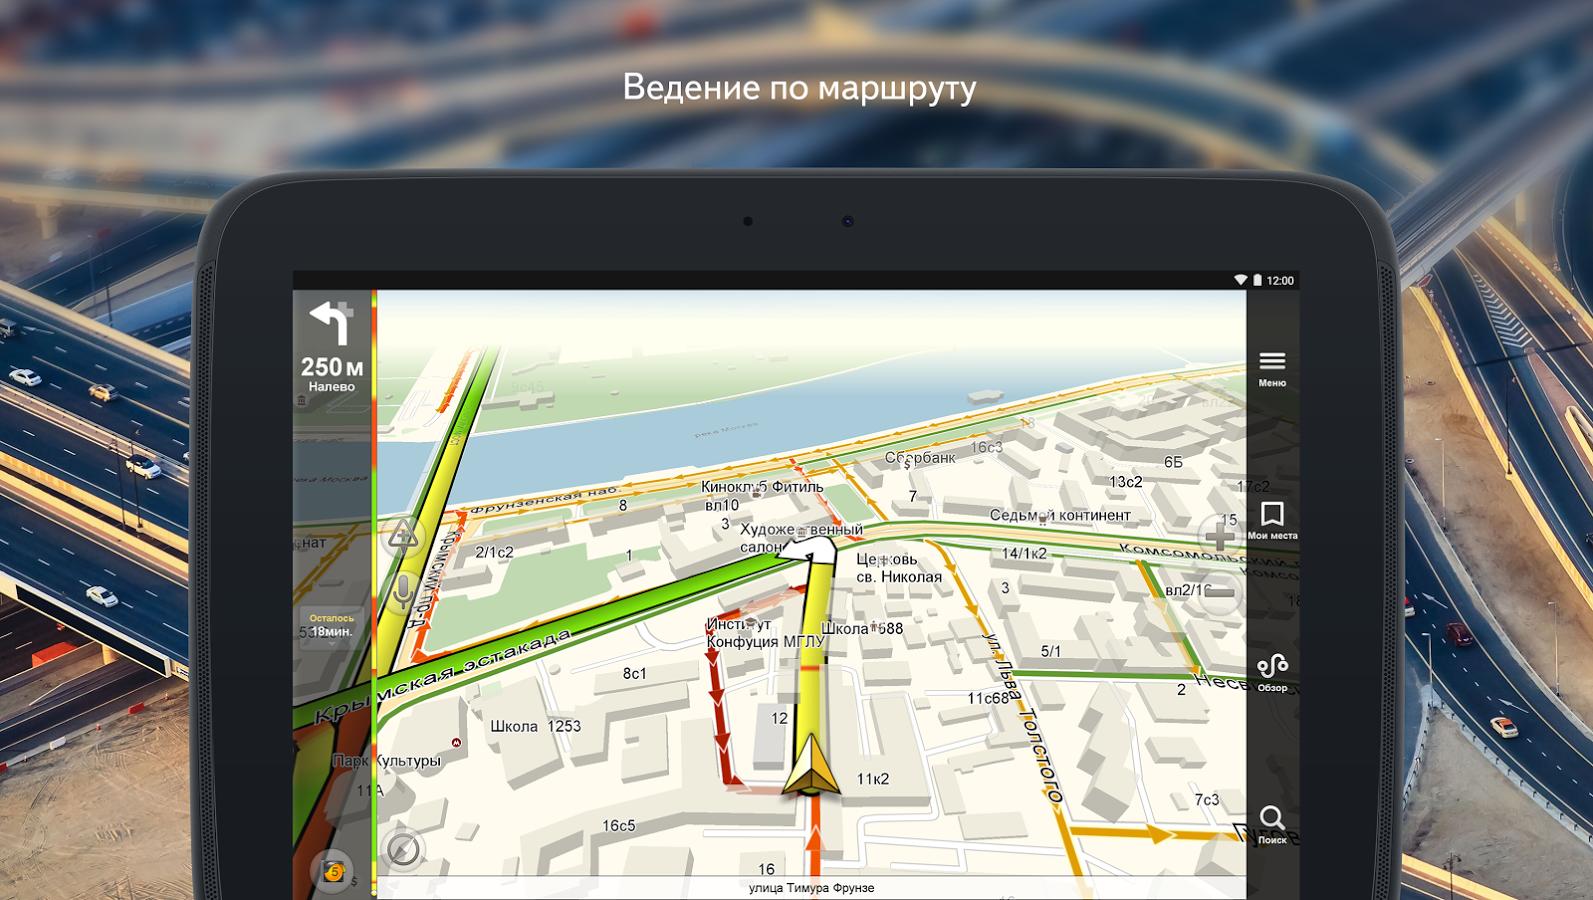 Яндекс.Карты и Навигатор станут платными для курьеров и таксистов